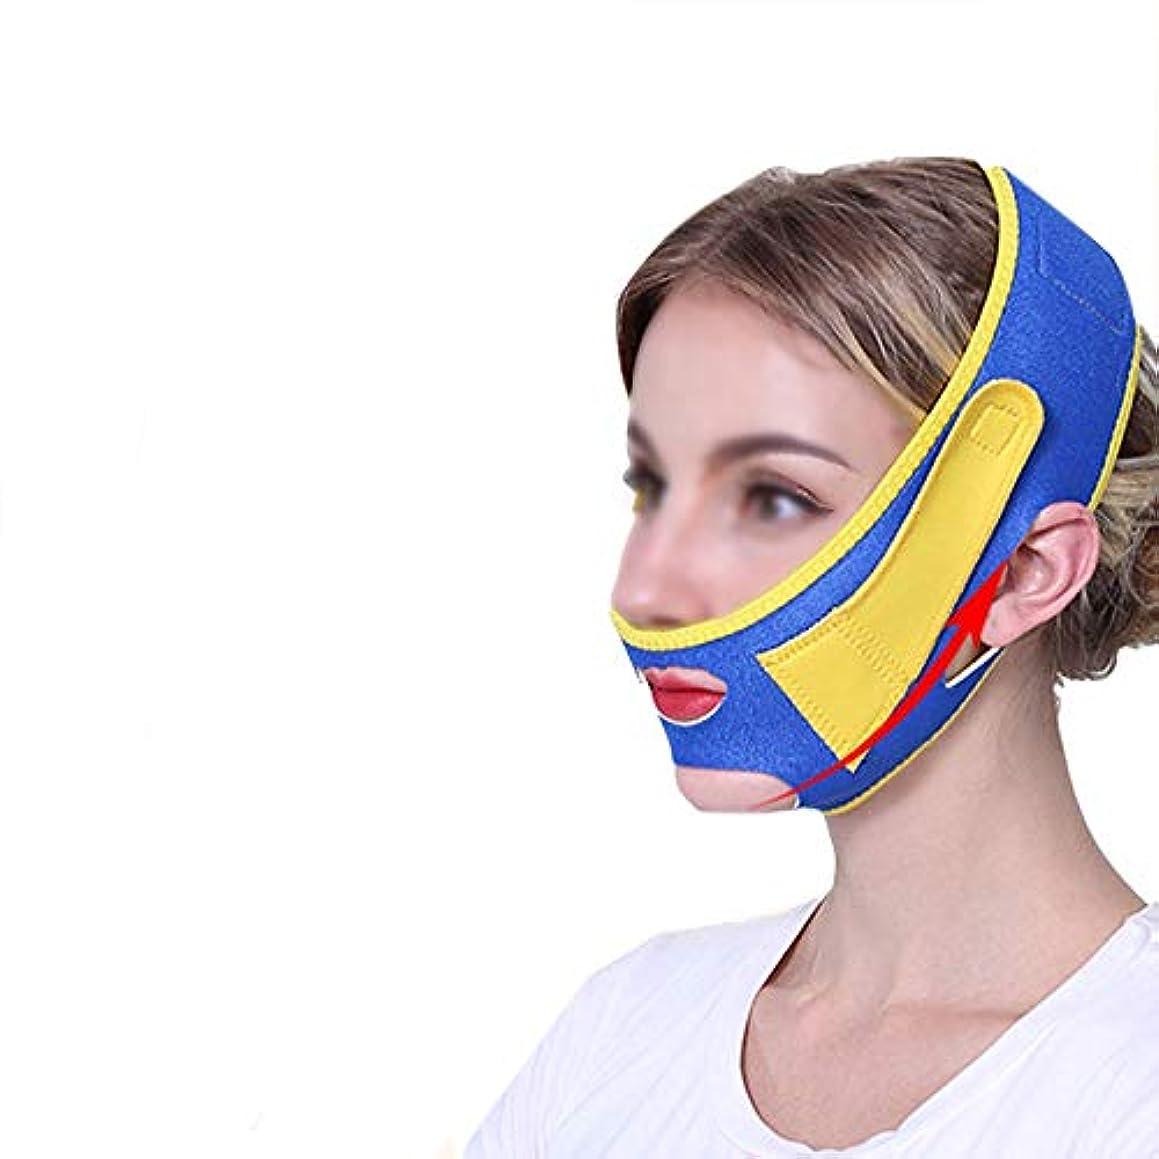 取り替える委任するプライバシーTLMY 薄い顔の包帯の薄い二重あごの引き締めの固まる皮の睡眠のマスクの頬の顔の減量のマスク 顔用整形マスク